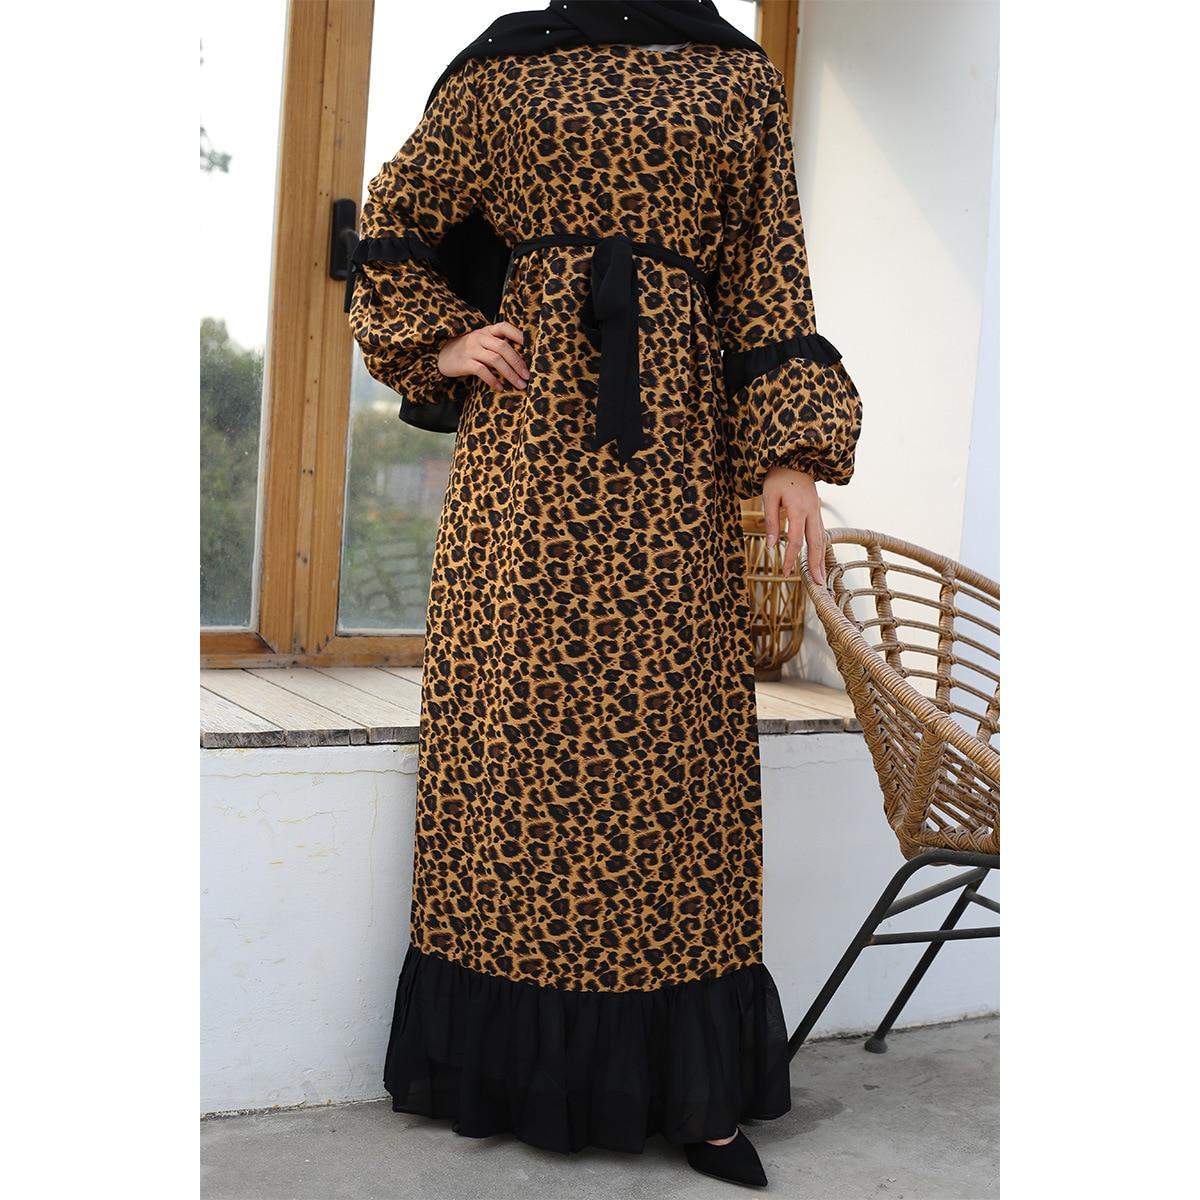 Moslemisches Abaya Kleid Frauen Leopard Rüschen Große Schaukel Arabische Kleider Abend Marokkanischen Kaftan Hijab Lange Robe Dubai Türkei Kleidung 3XL